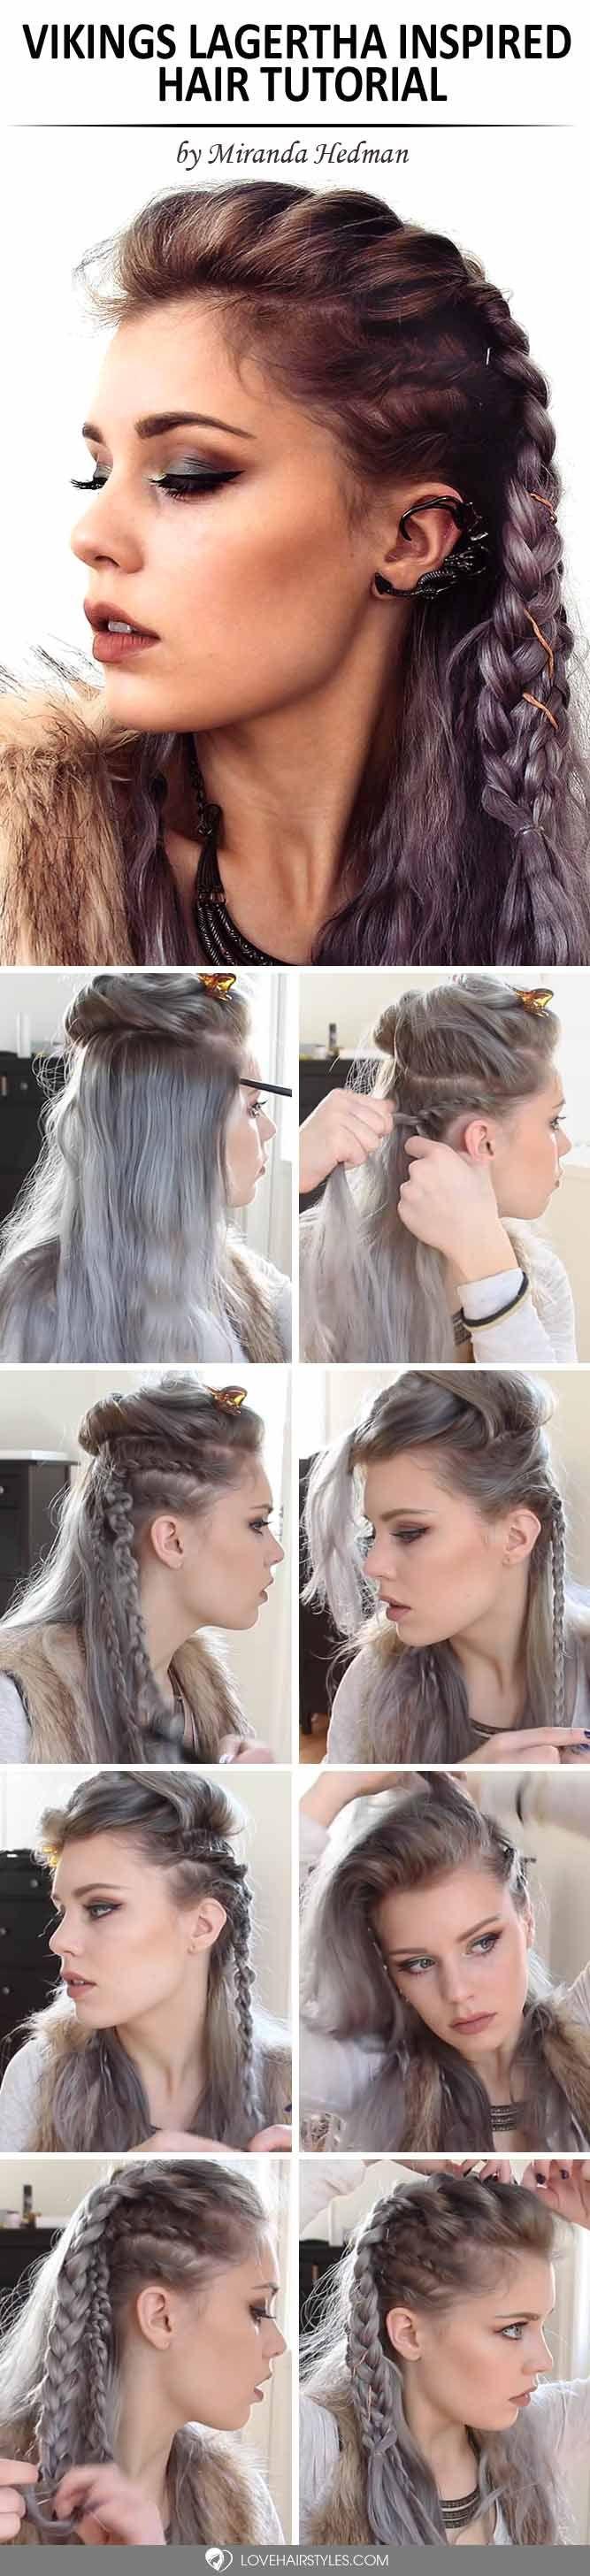 Vikings Lagertha Hair Tutorial Braids Pinterest Hair Hair